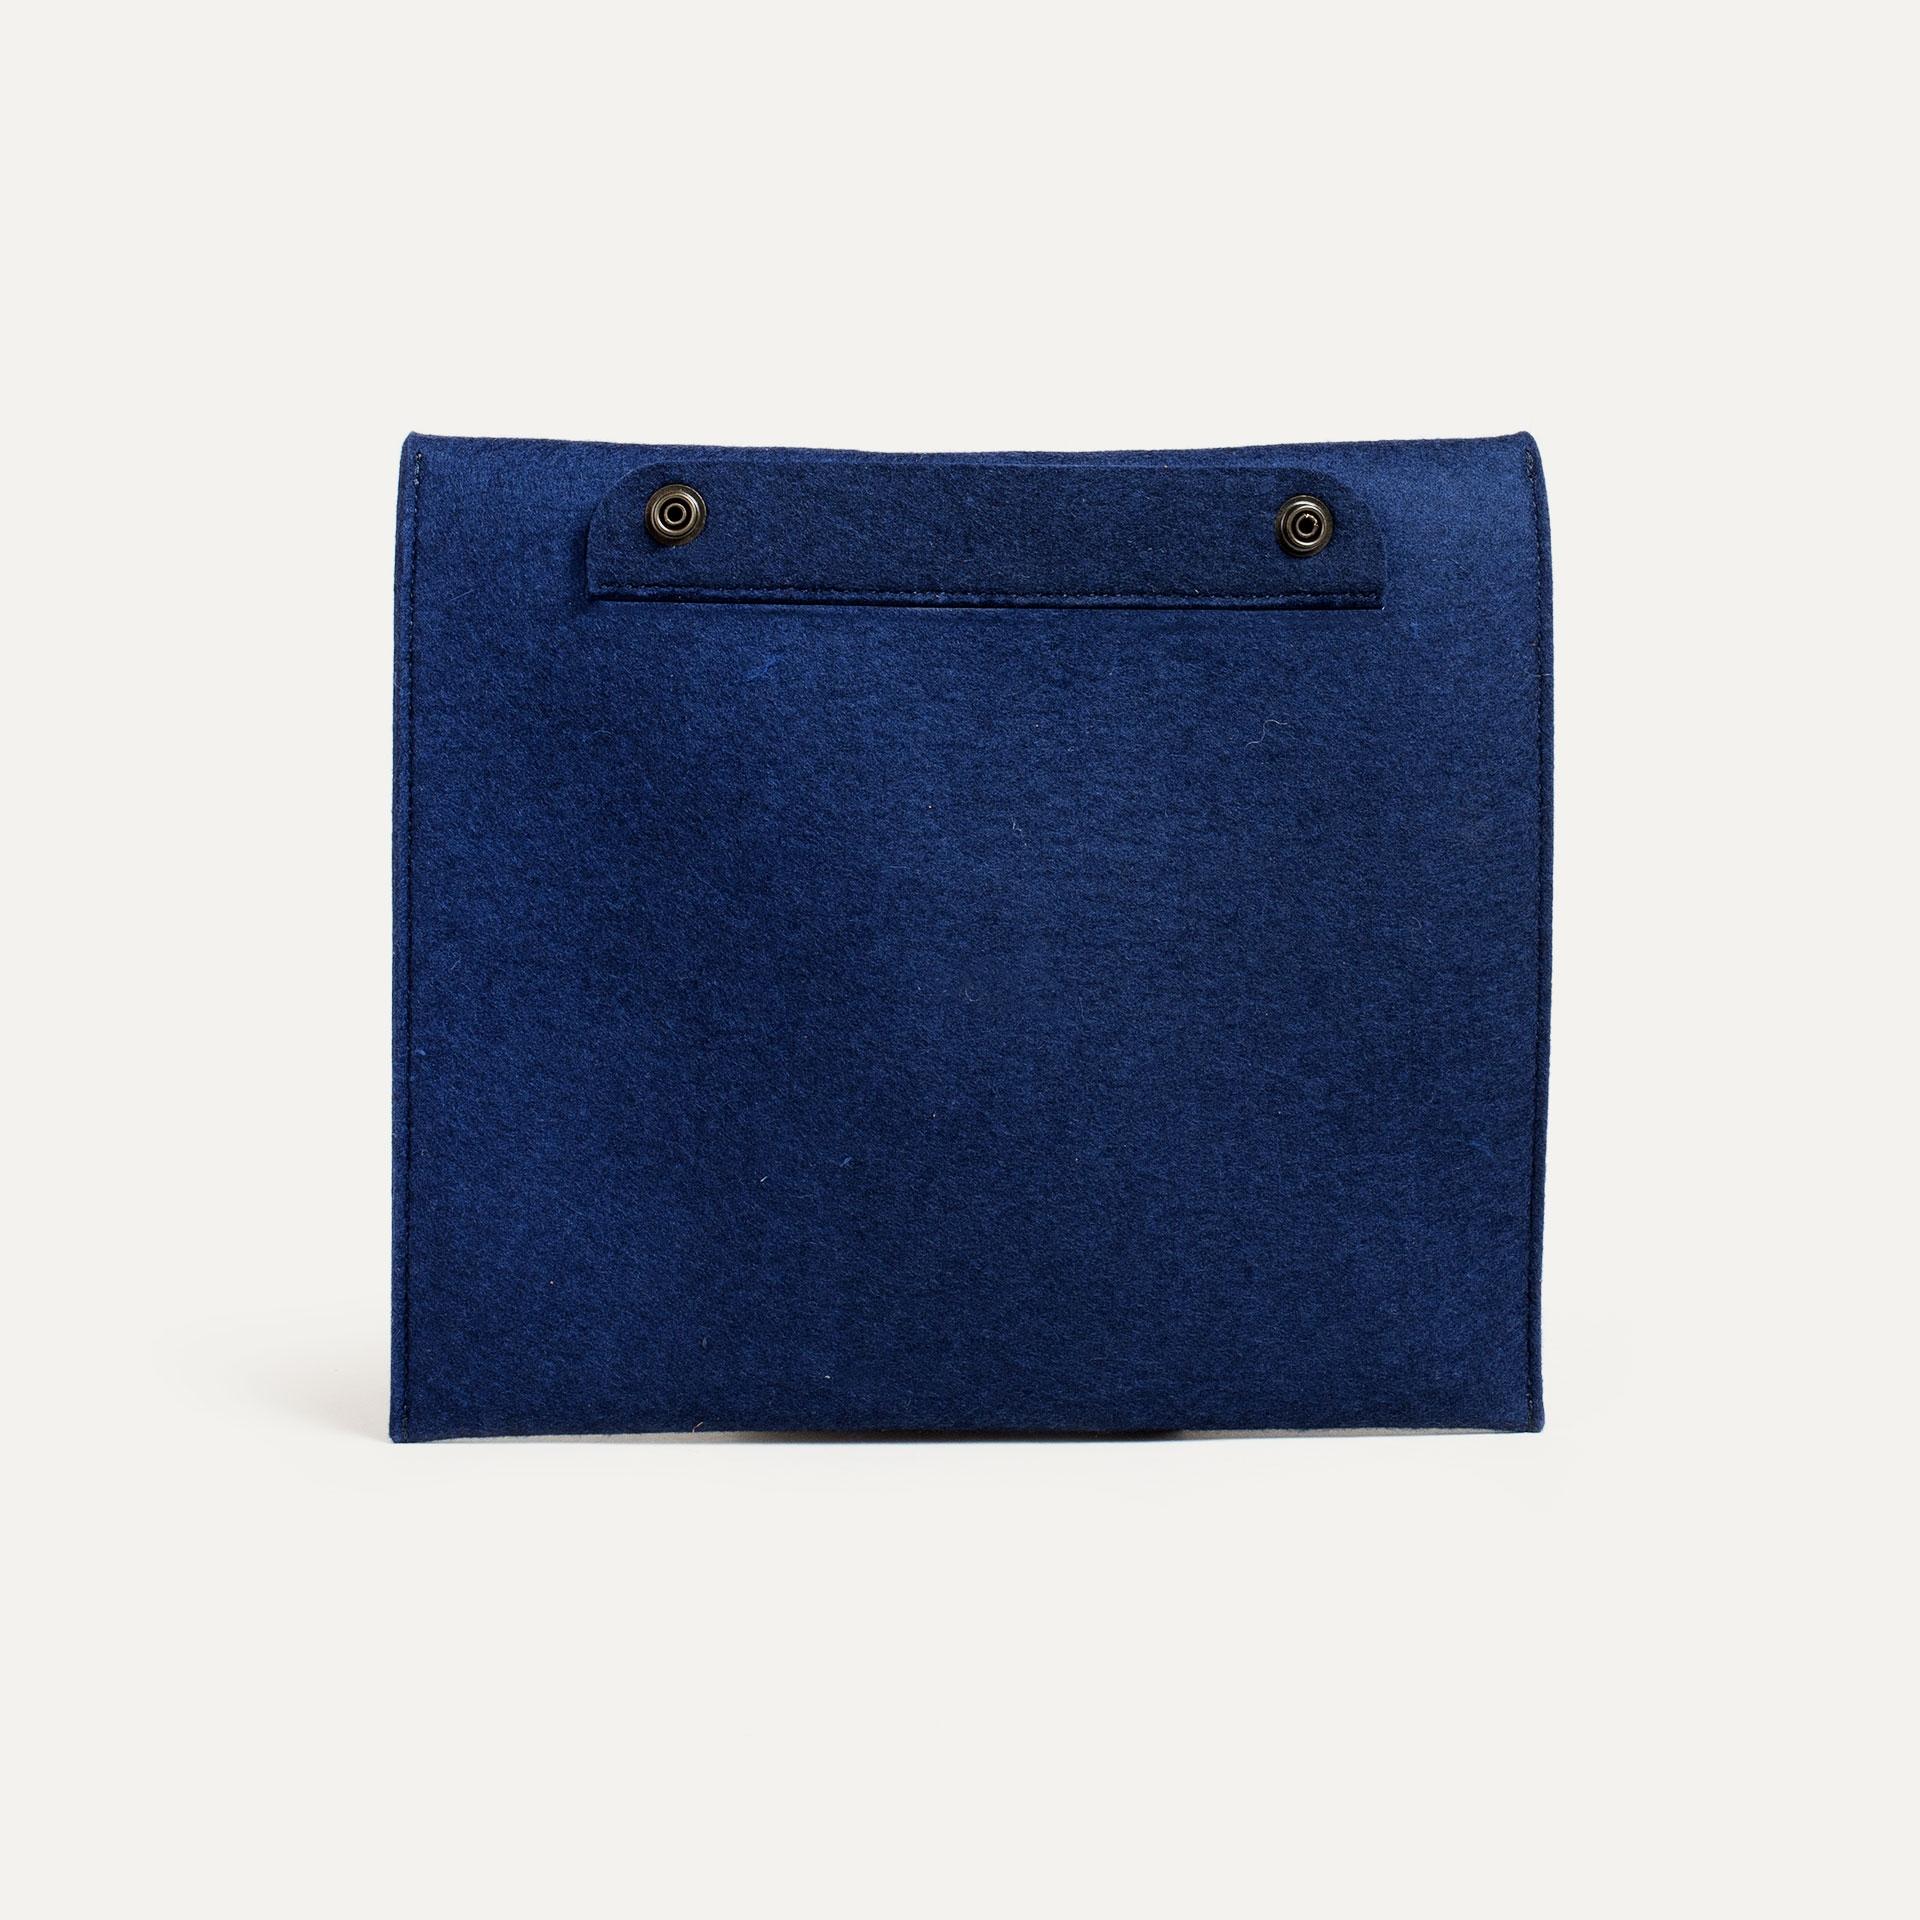 Miky iPad sleeve - Blue Felt (image n°2)